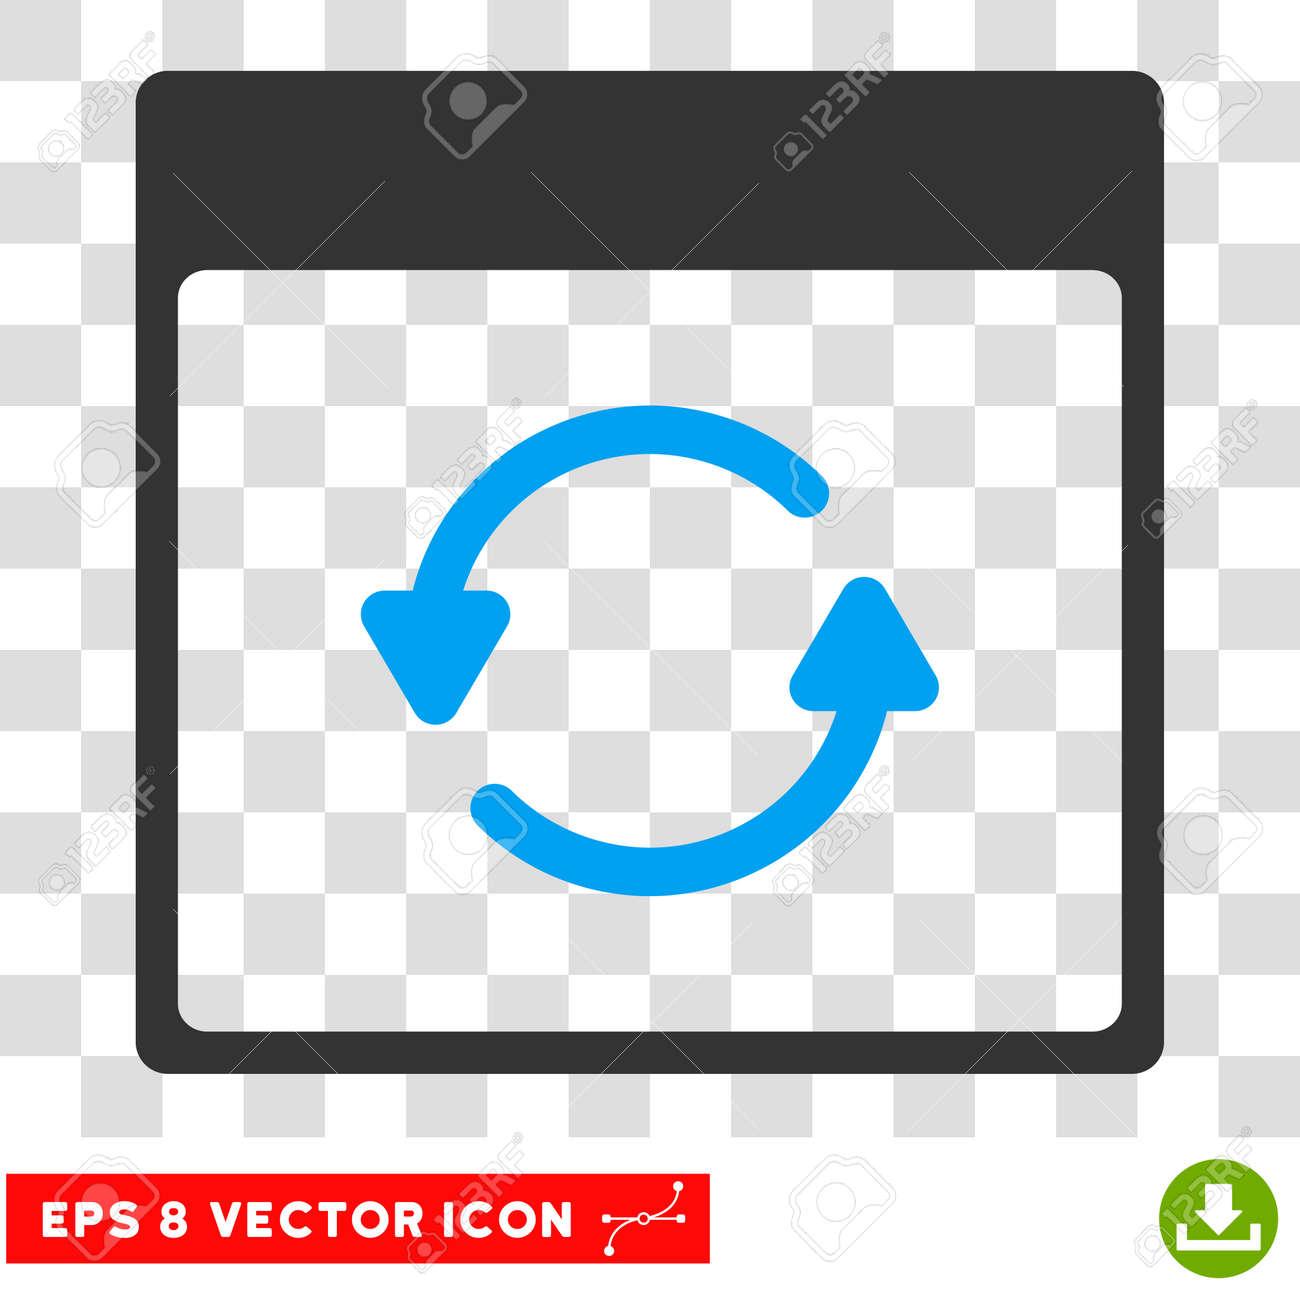 Actualizar Calendario.Vector Actualizar Calendario Pagina Eps Vector Icono El Estilo De La Ilustracion Es Plano Iconico Bicolor Simbolo Azul Y Gris Sobre Un Fondo